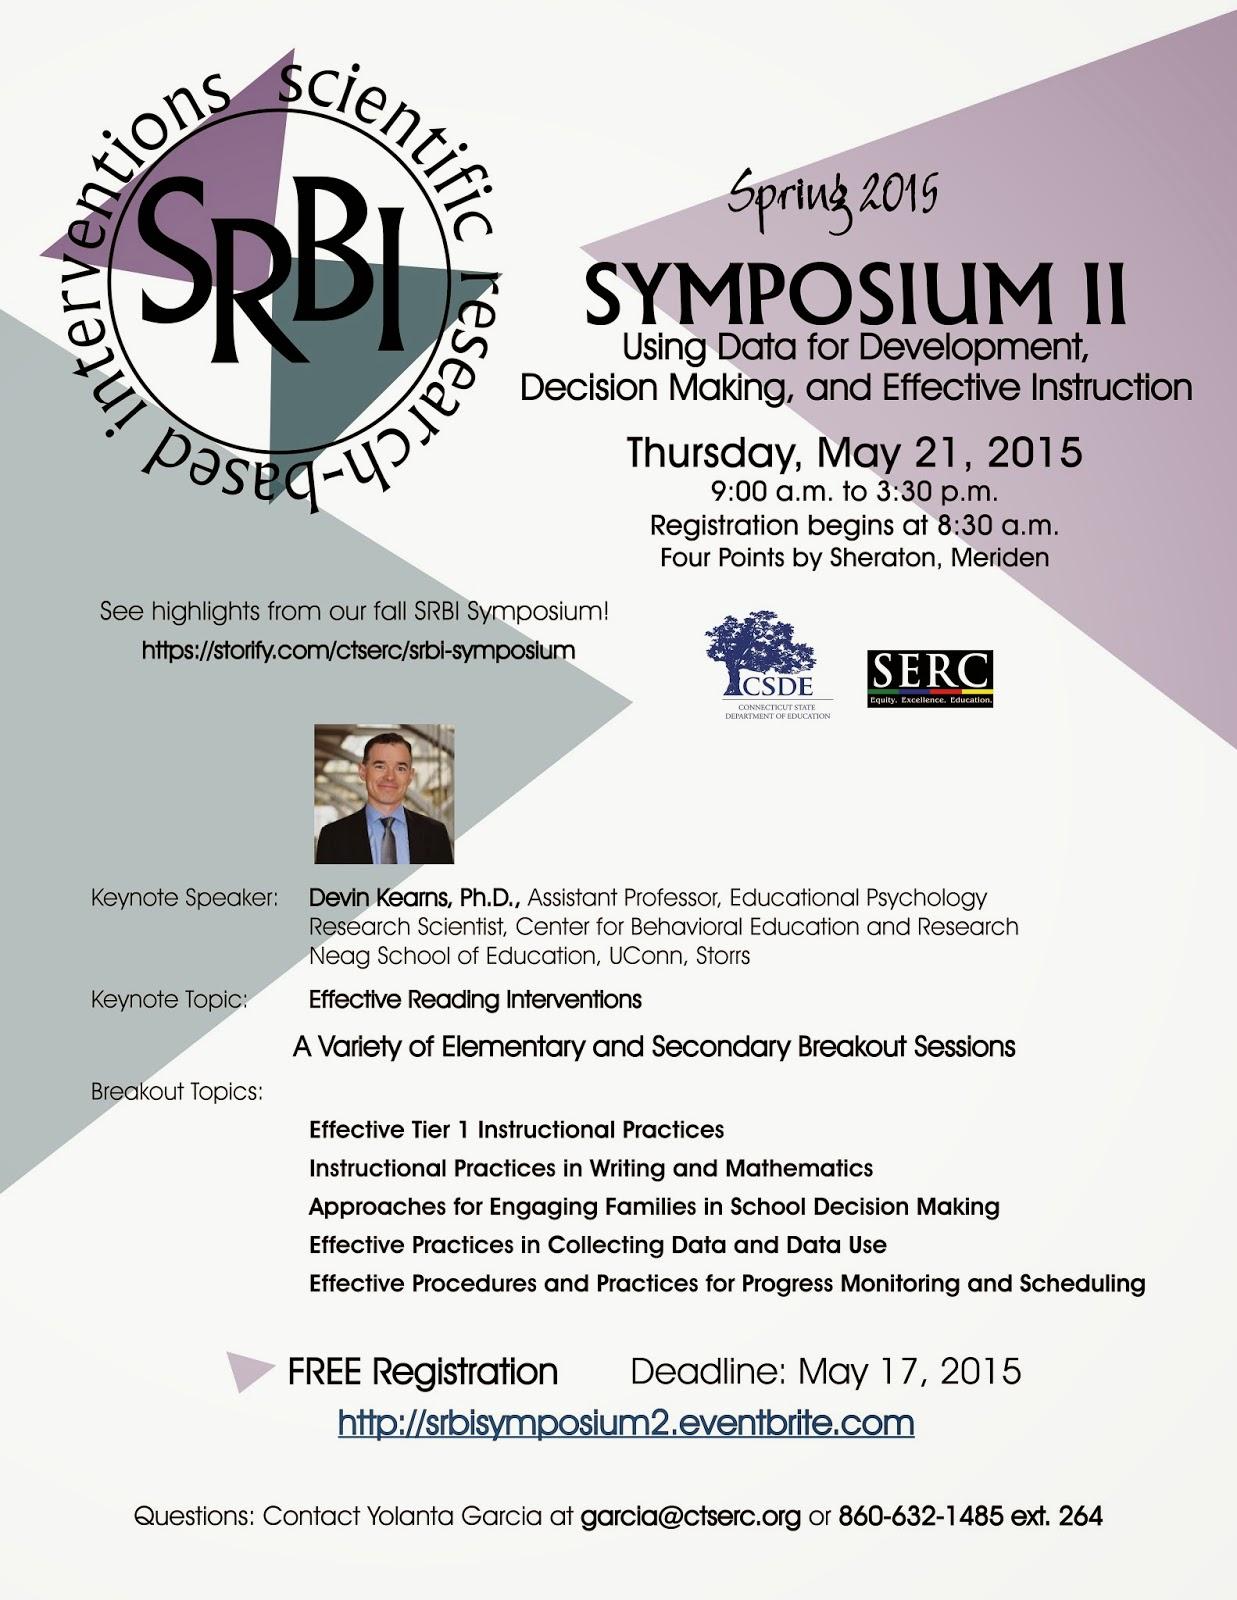 http://srbisymposium2.eventbrite.com